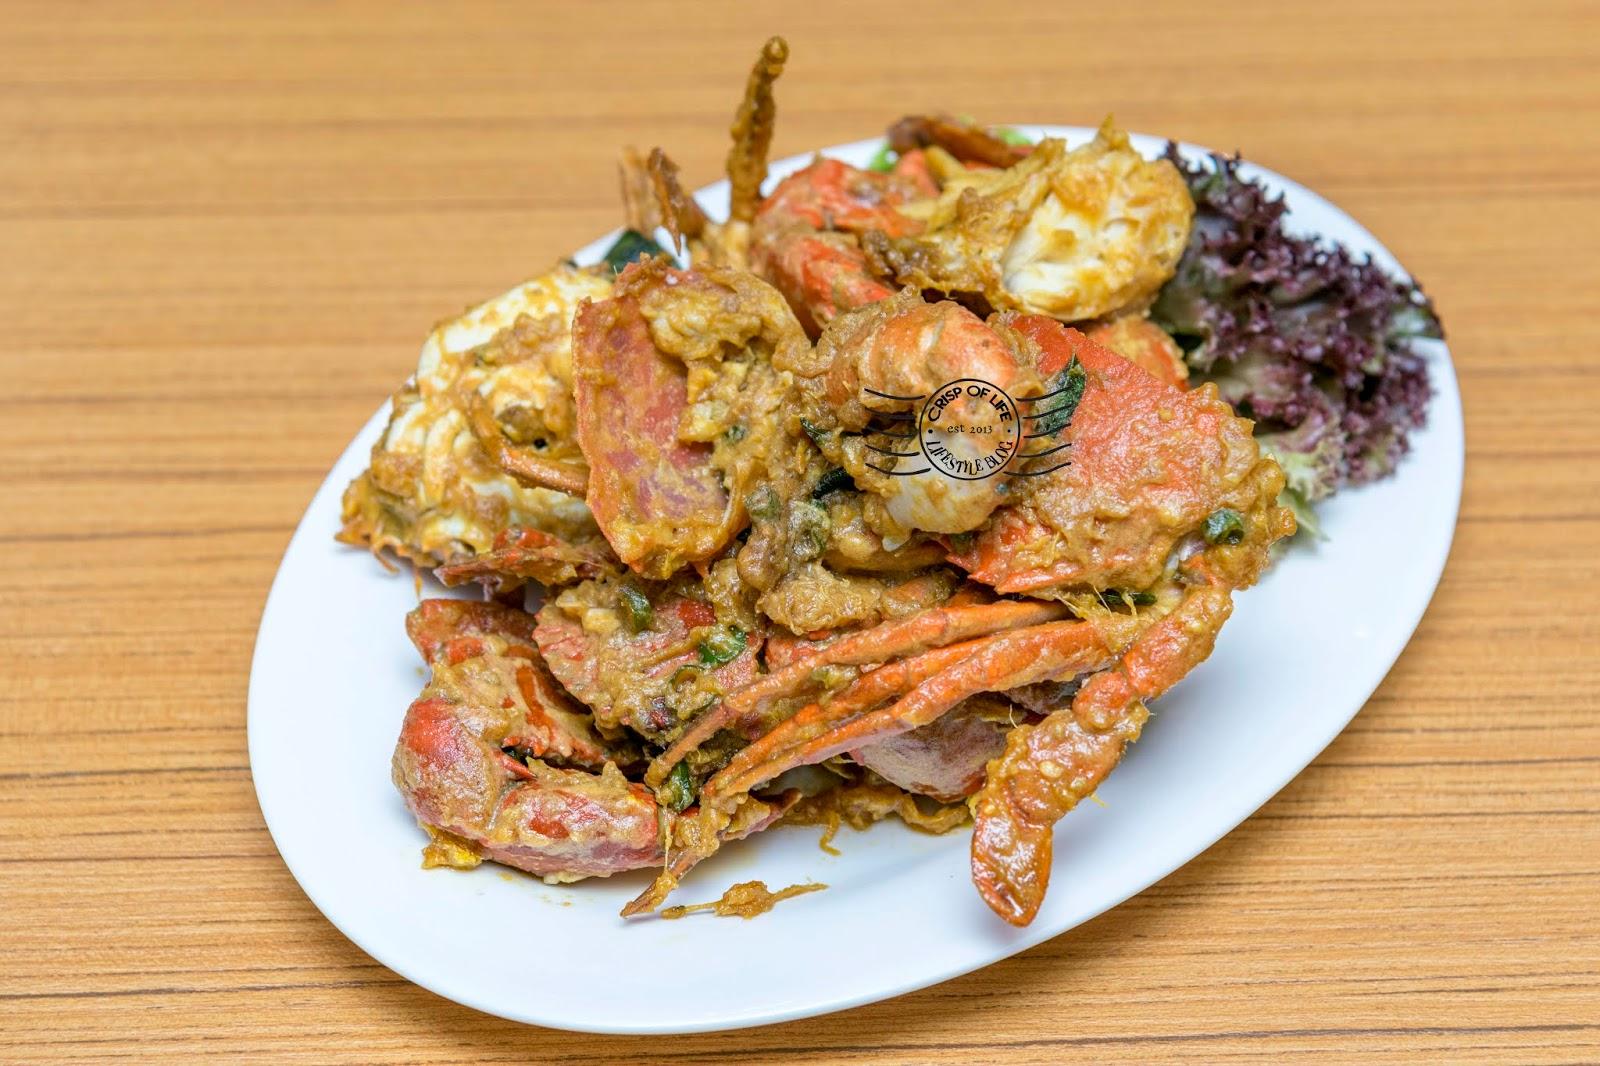 Vouk Hotel Chu Char Ikan Bakar Semi Buffet Dinner